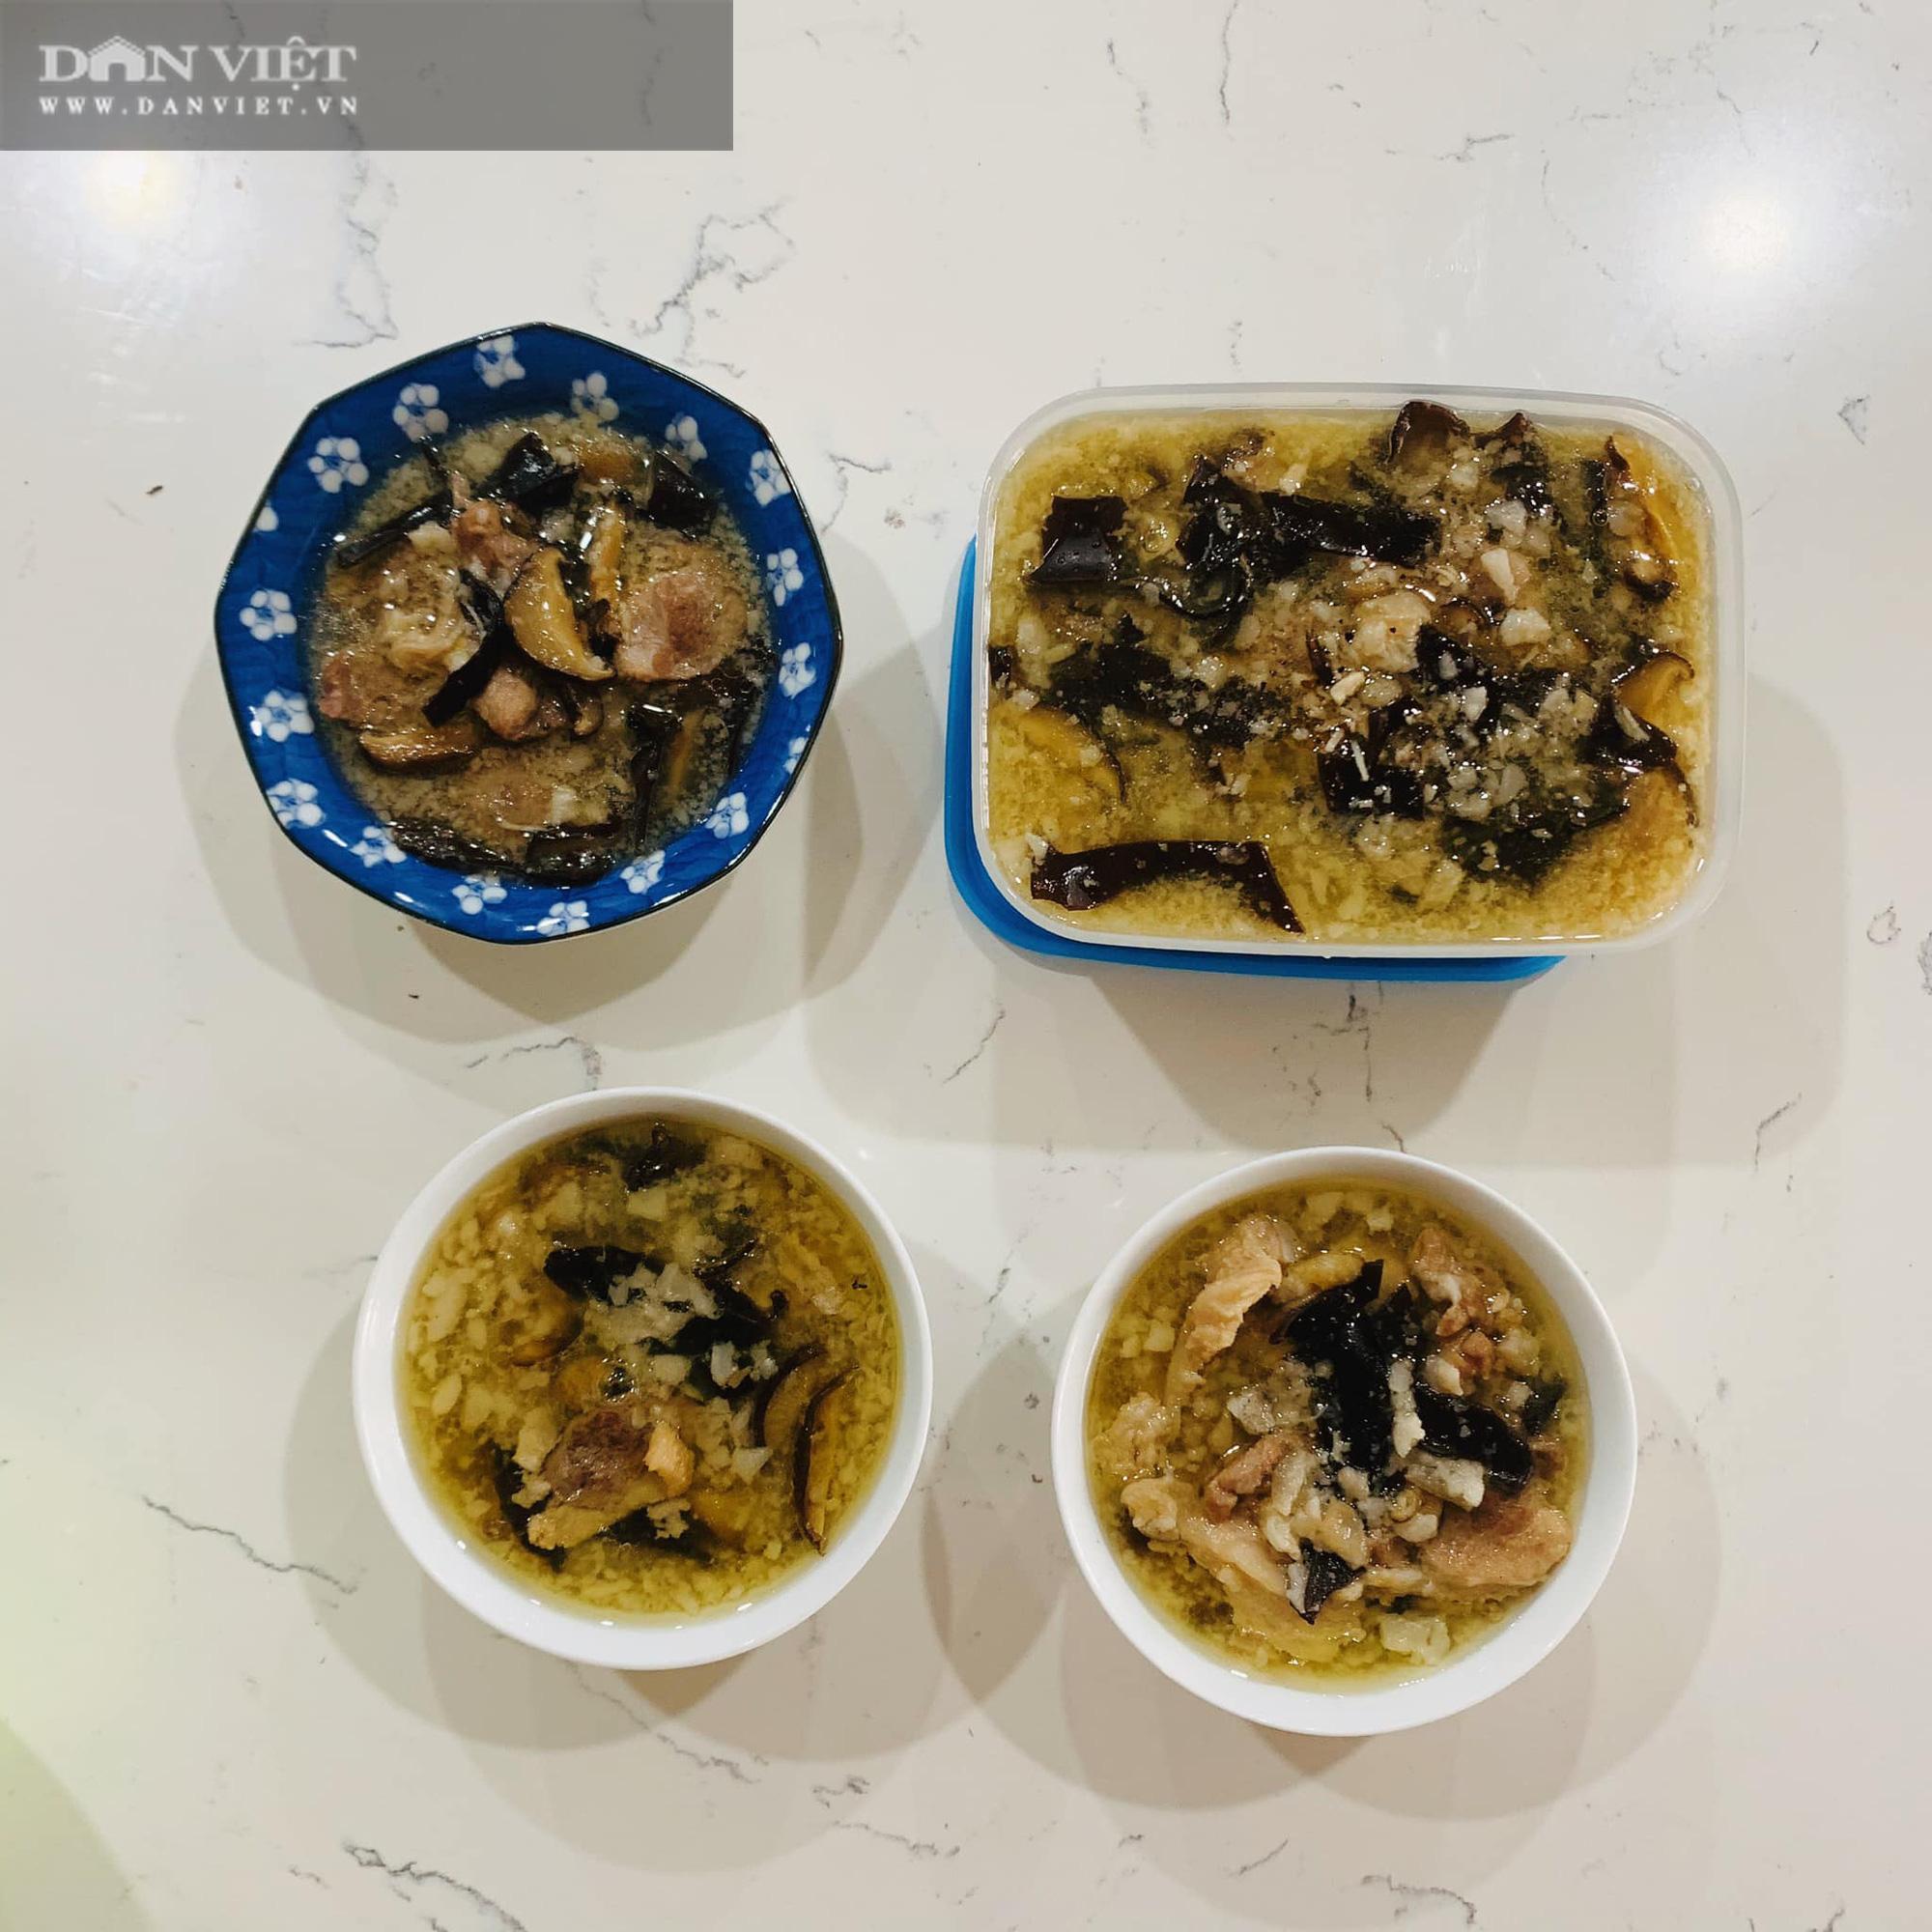 Bí quyết làm món thịt ngan nấu đông chuẩn vị cho mâm cỗ tết tròn đầy (Bài Tết) - Ảnh 2.